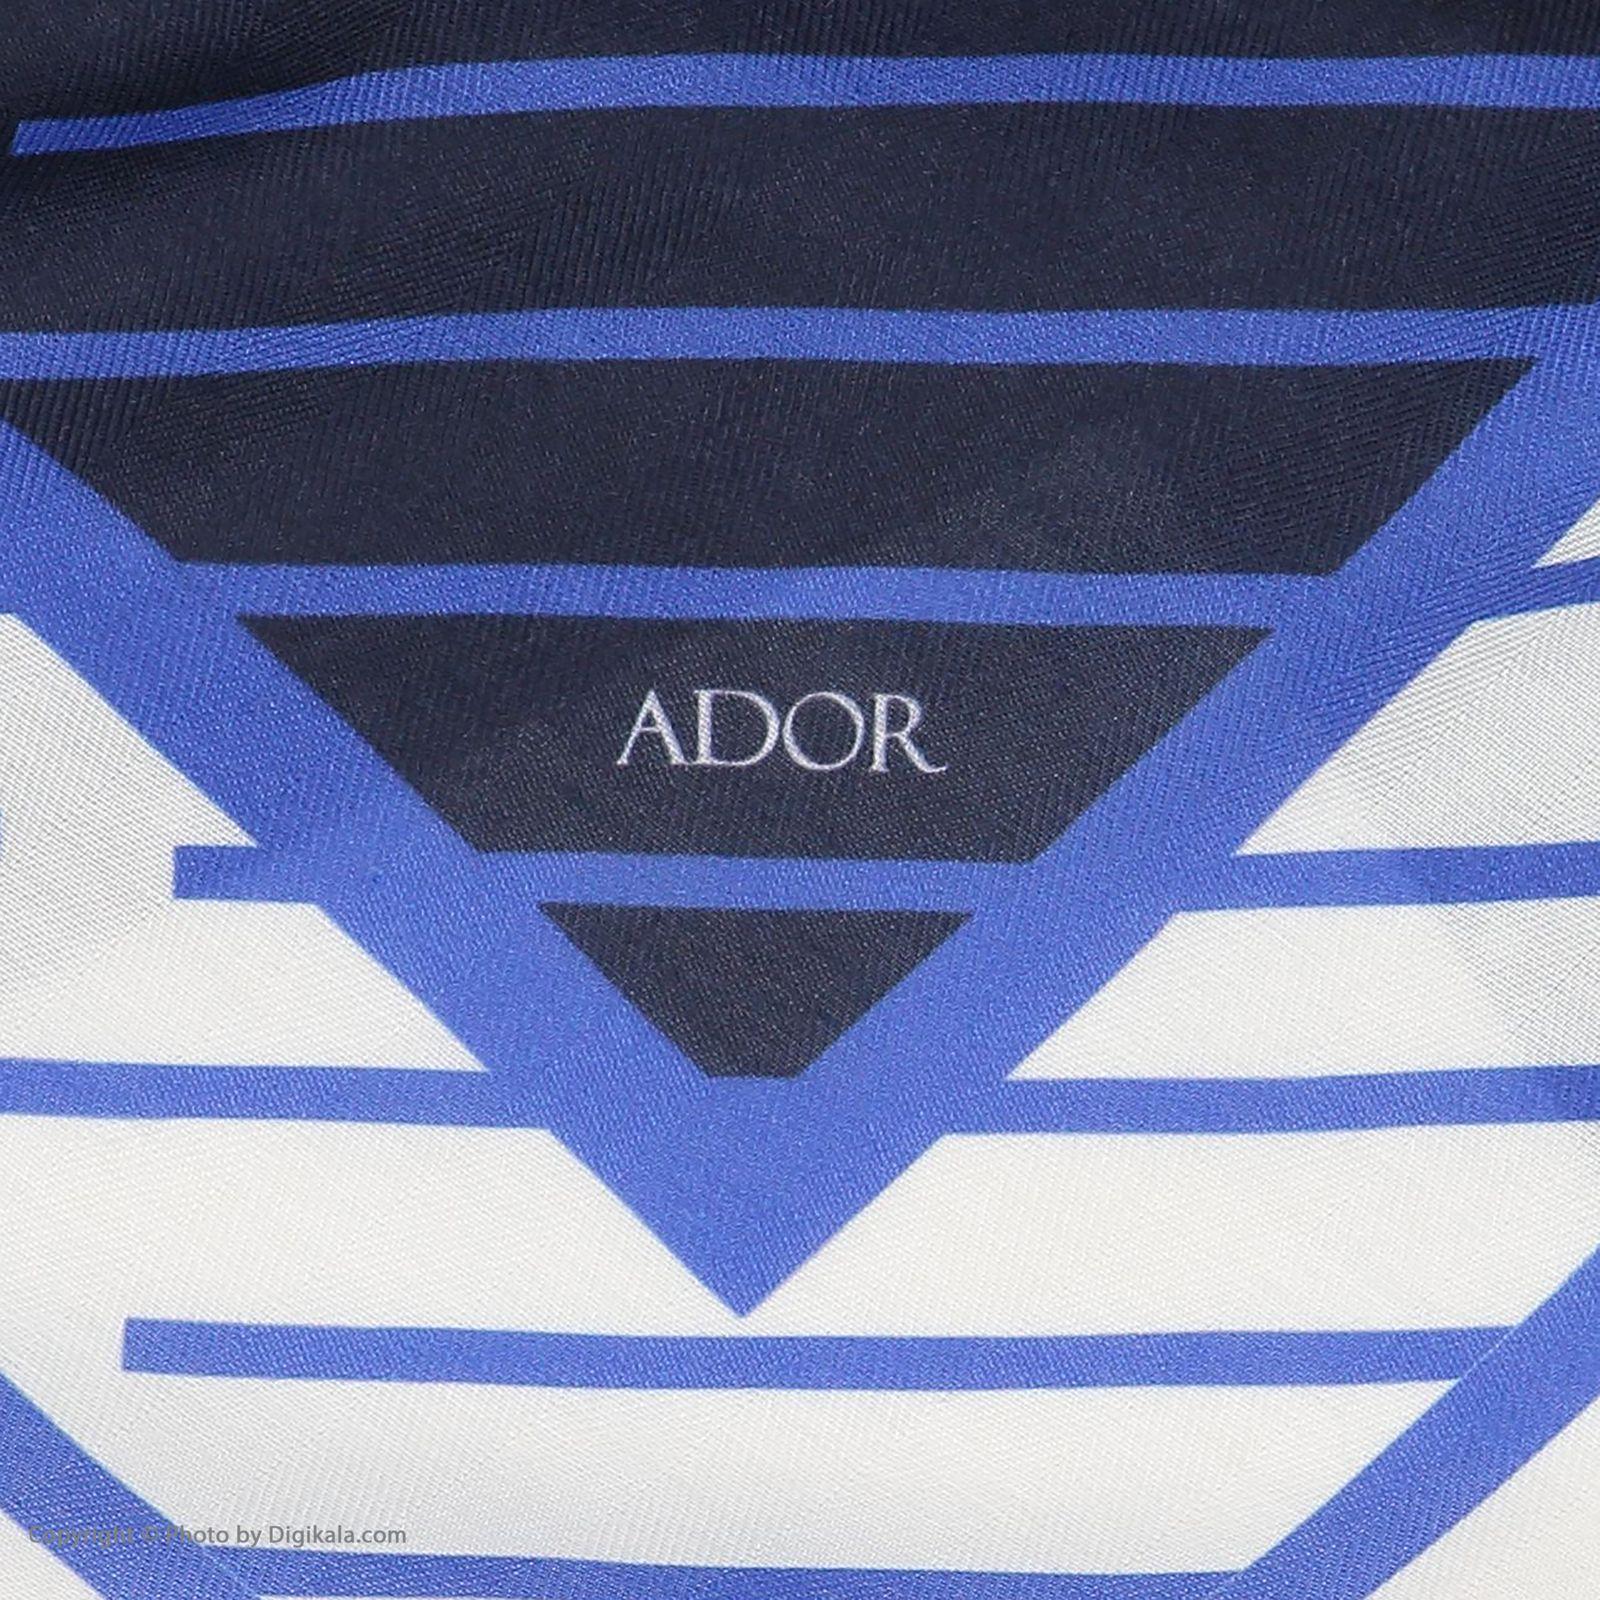 روسری زنانه آدور مدل 109807062105 -  - 5